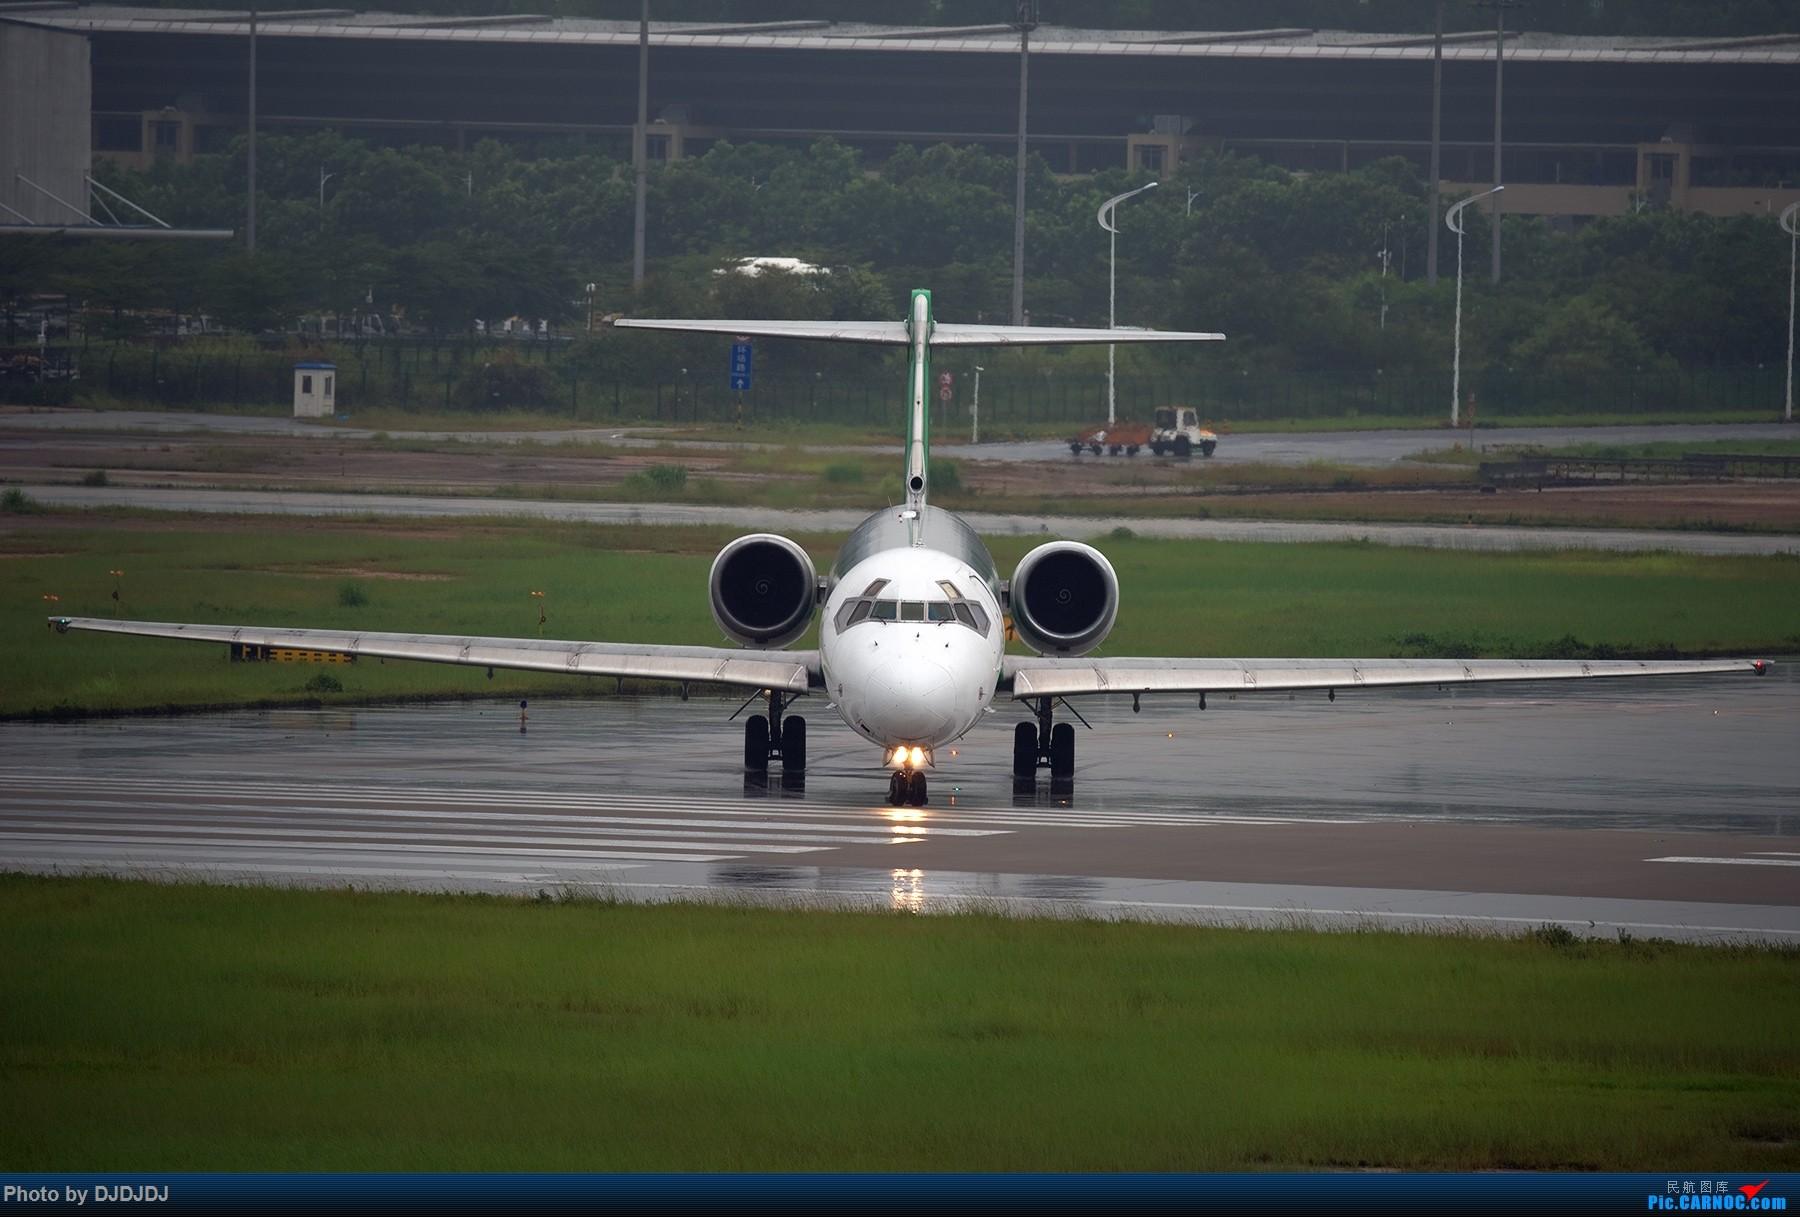 Re:[原创]【BLDDQ】大雨,17920 MD MD-90-30 B-17920 中国广州白云国际机场